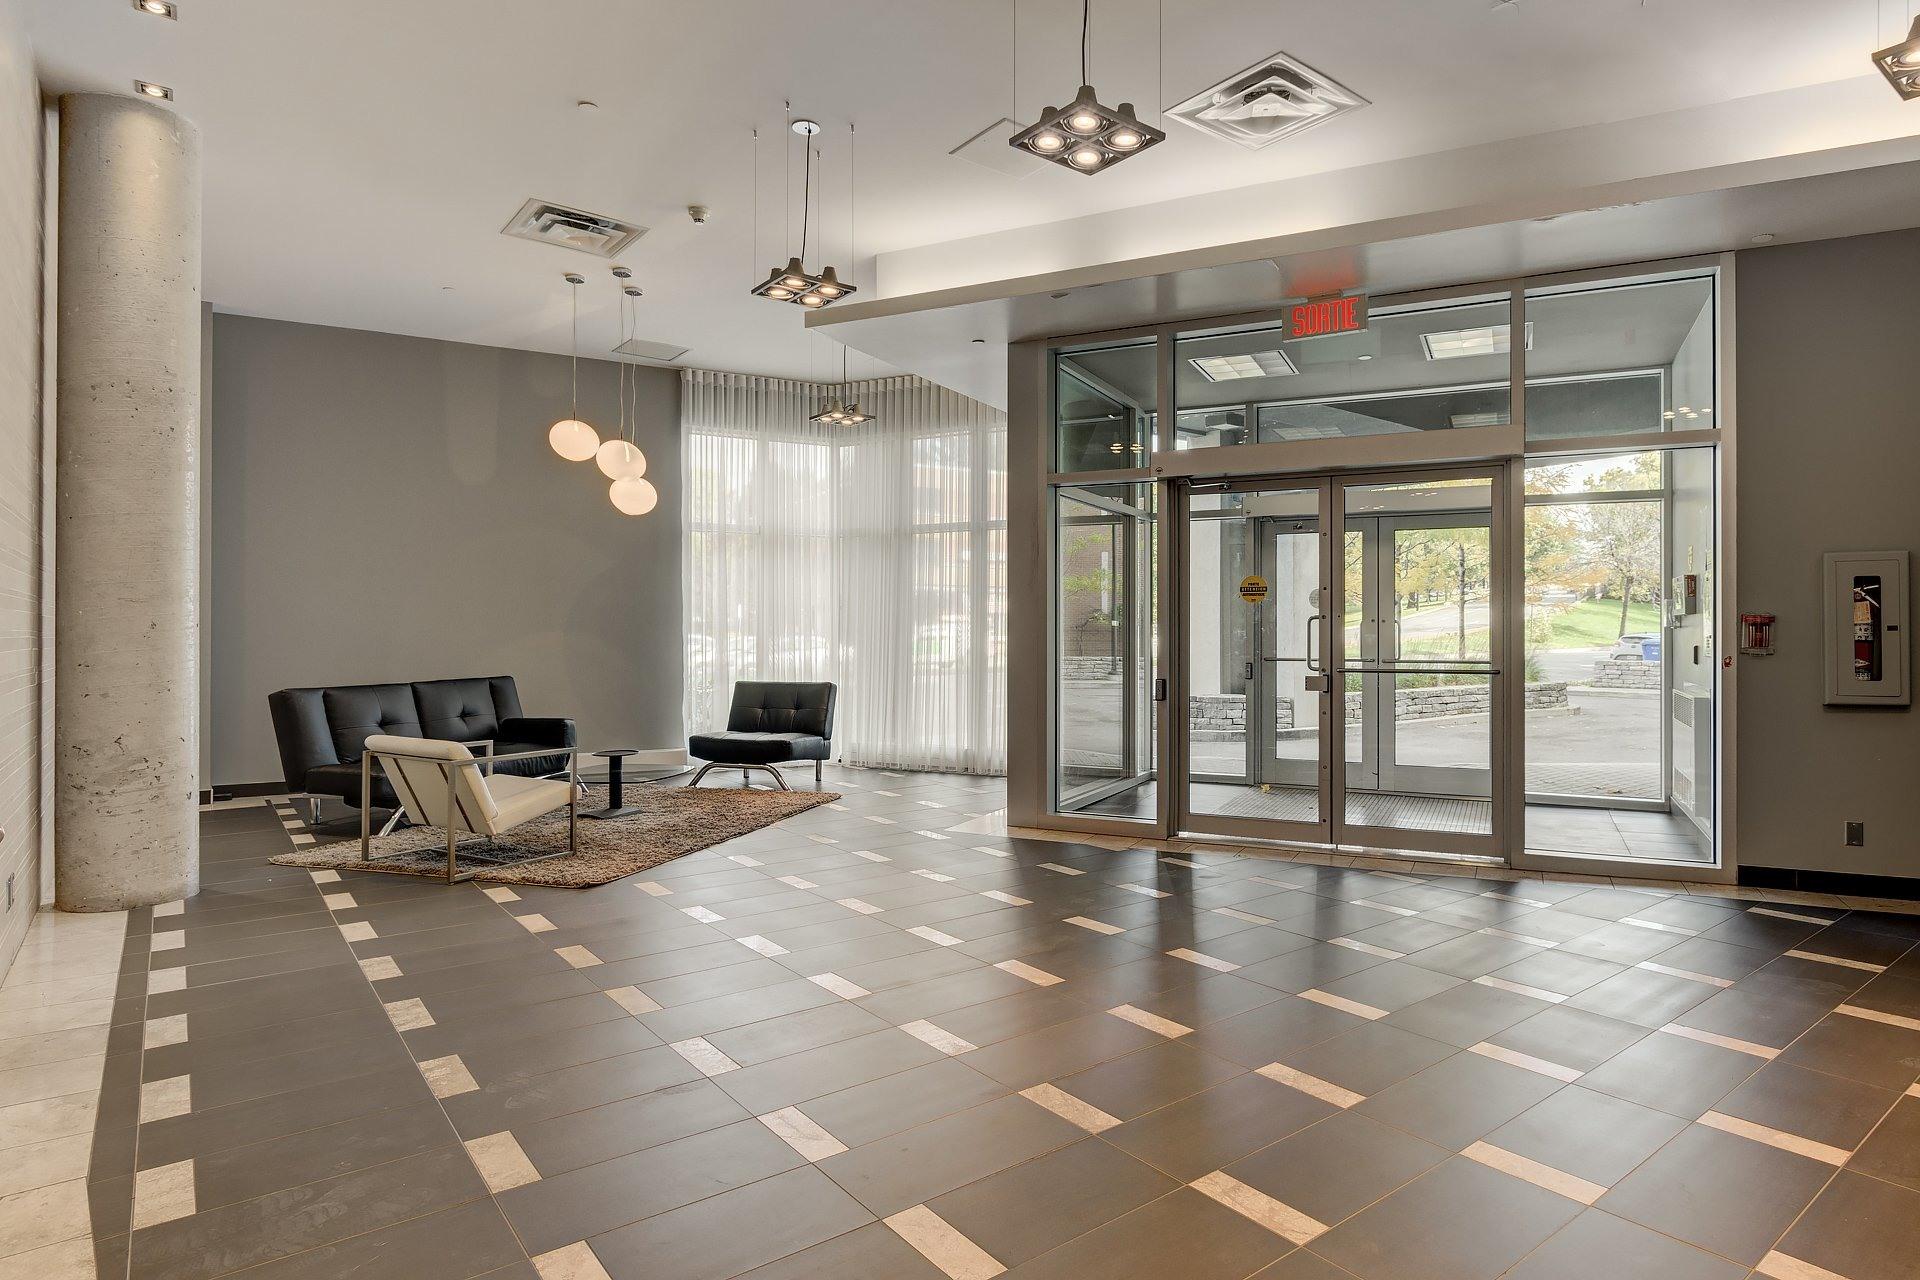 image 20 - Apartment For rent Côte-des-Neiges/Notre-Dame-de-Grâce Montréal  - 5 rooms